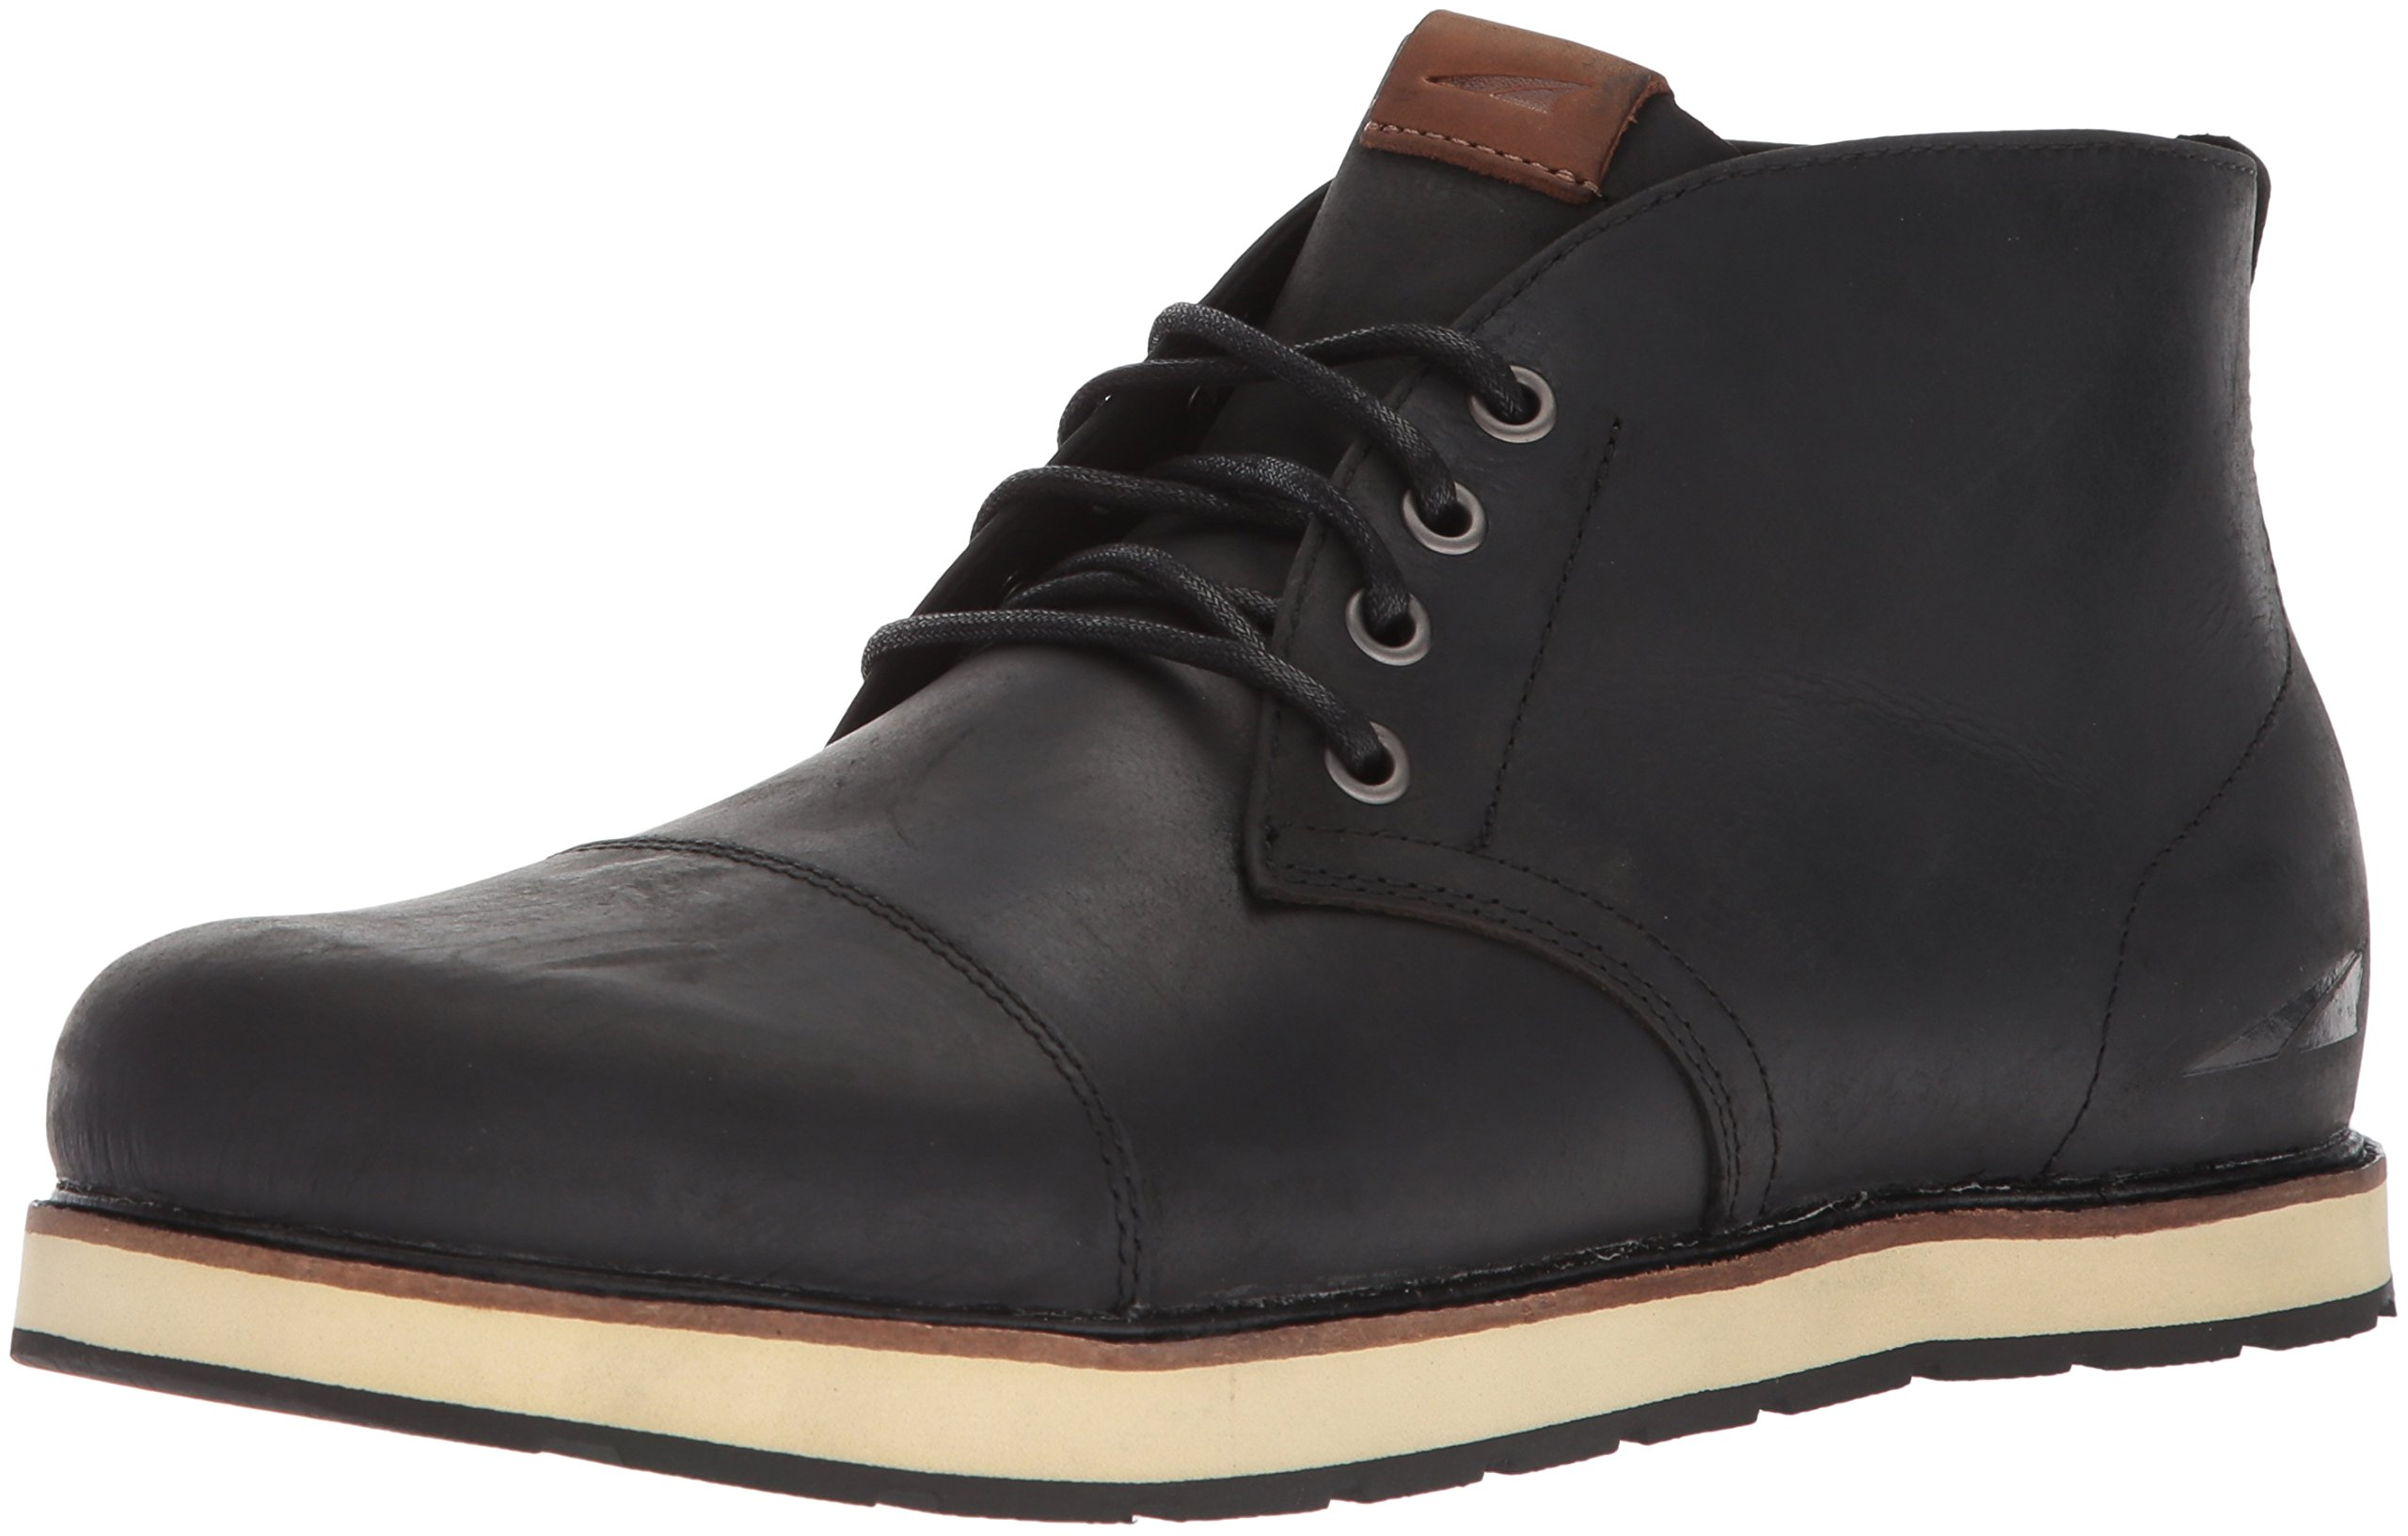 Altra AFM1895H Men's Smith Boot, Black - 8.5 D(M) US